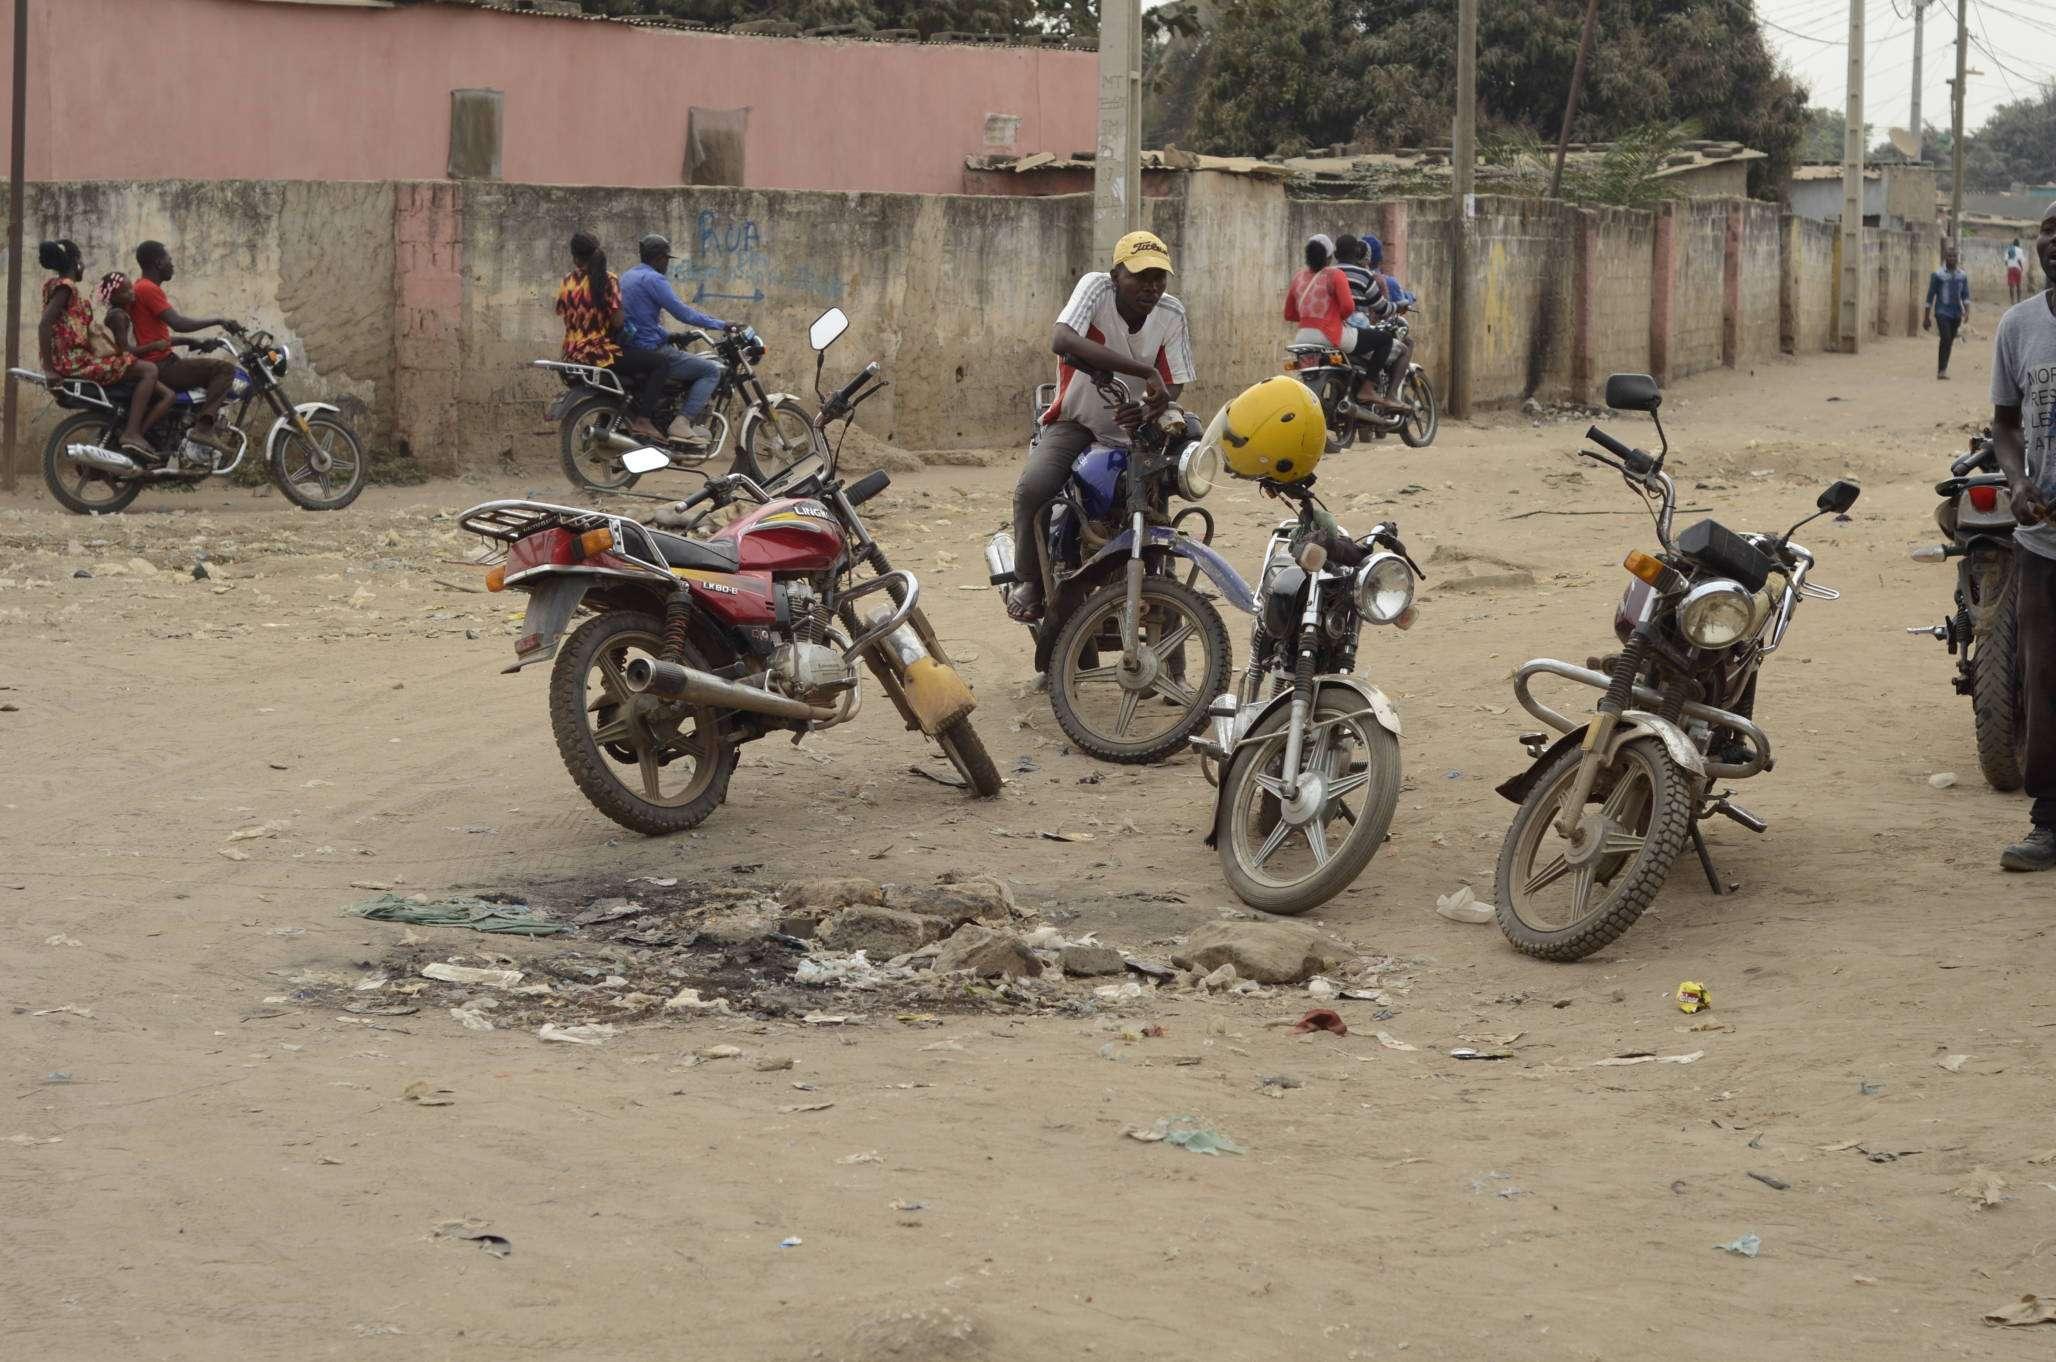 Resultado de imagem para mototaxista em luanda